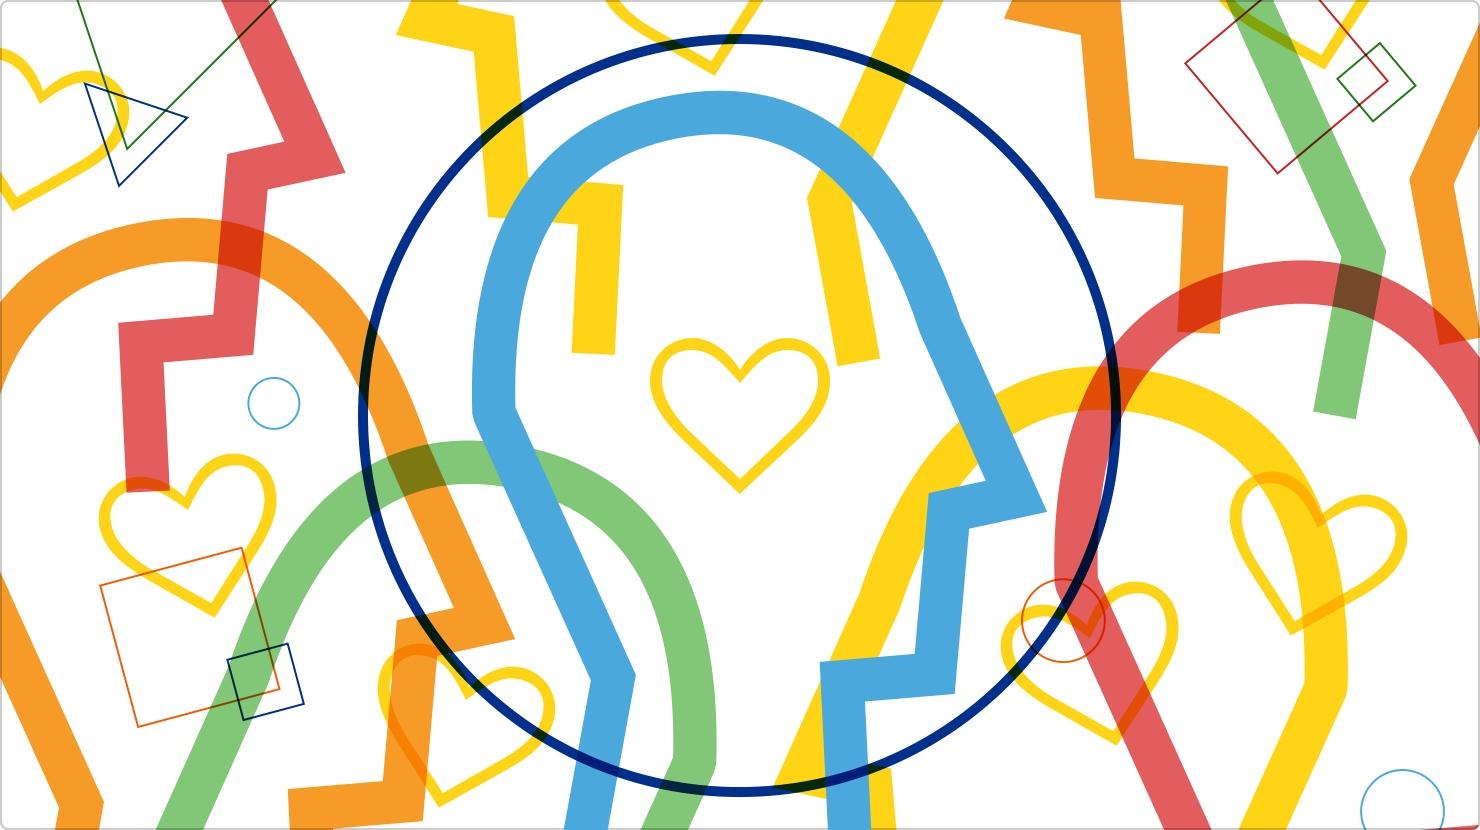 kindness-blog-image-16x9-v7.jpg